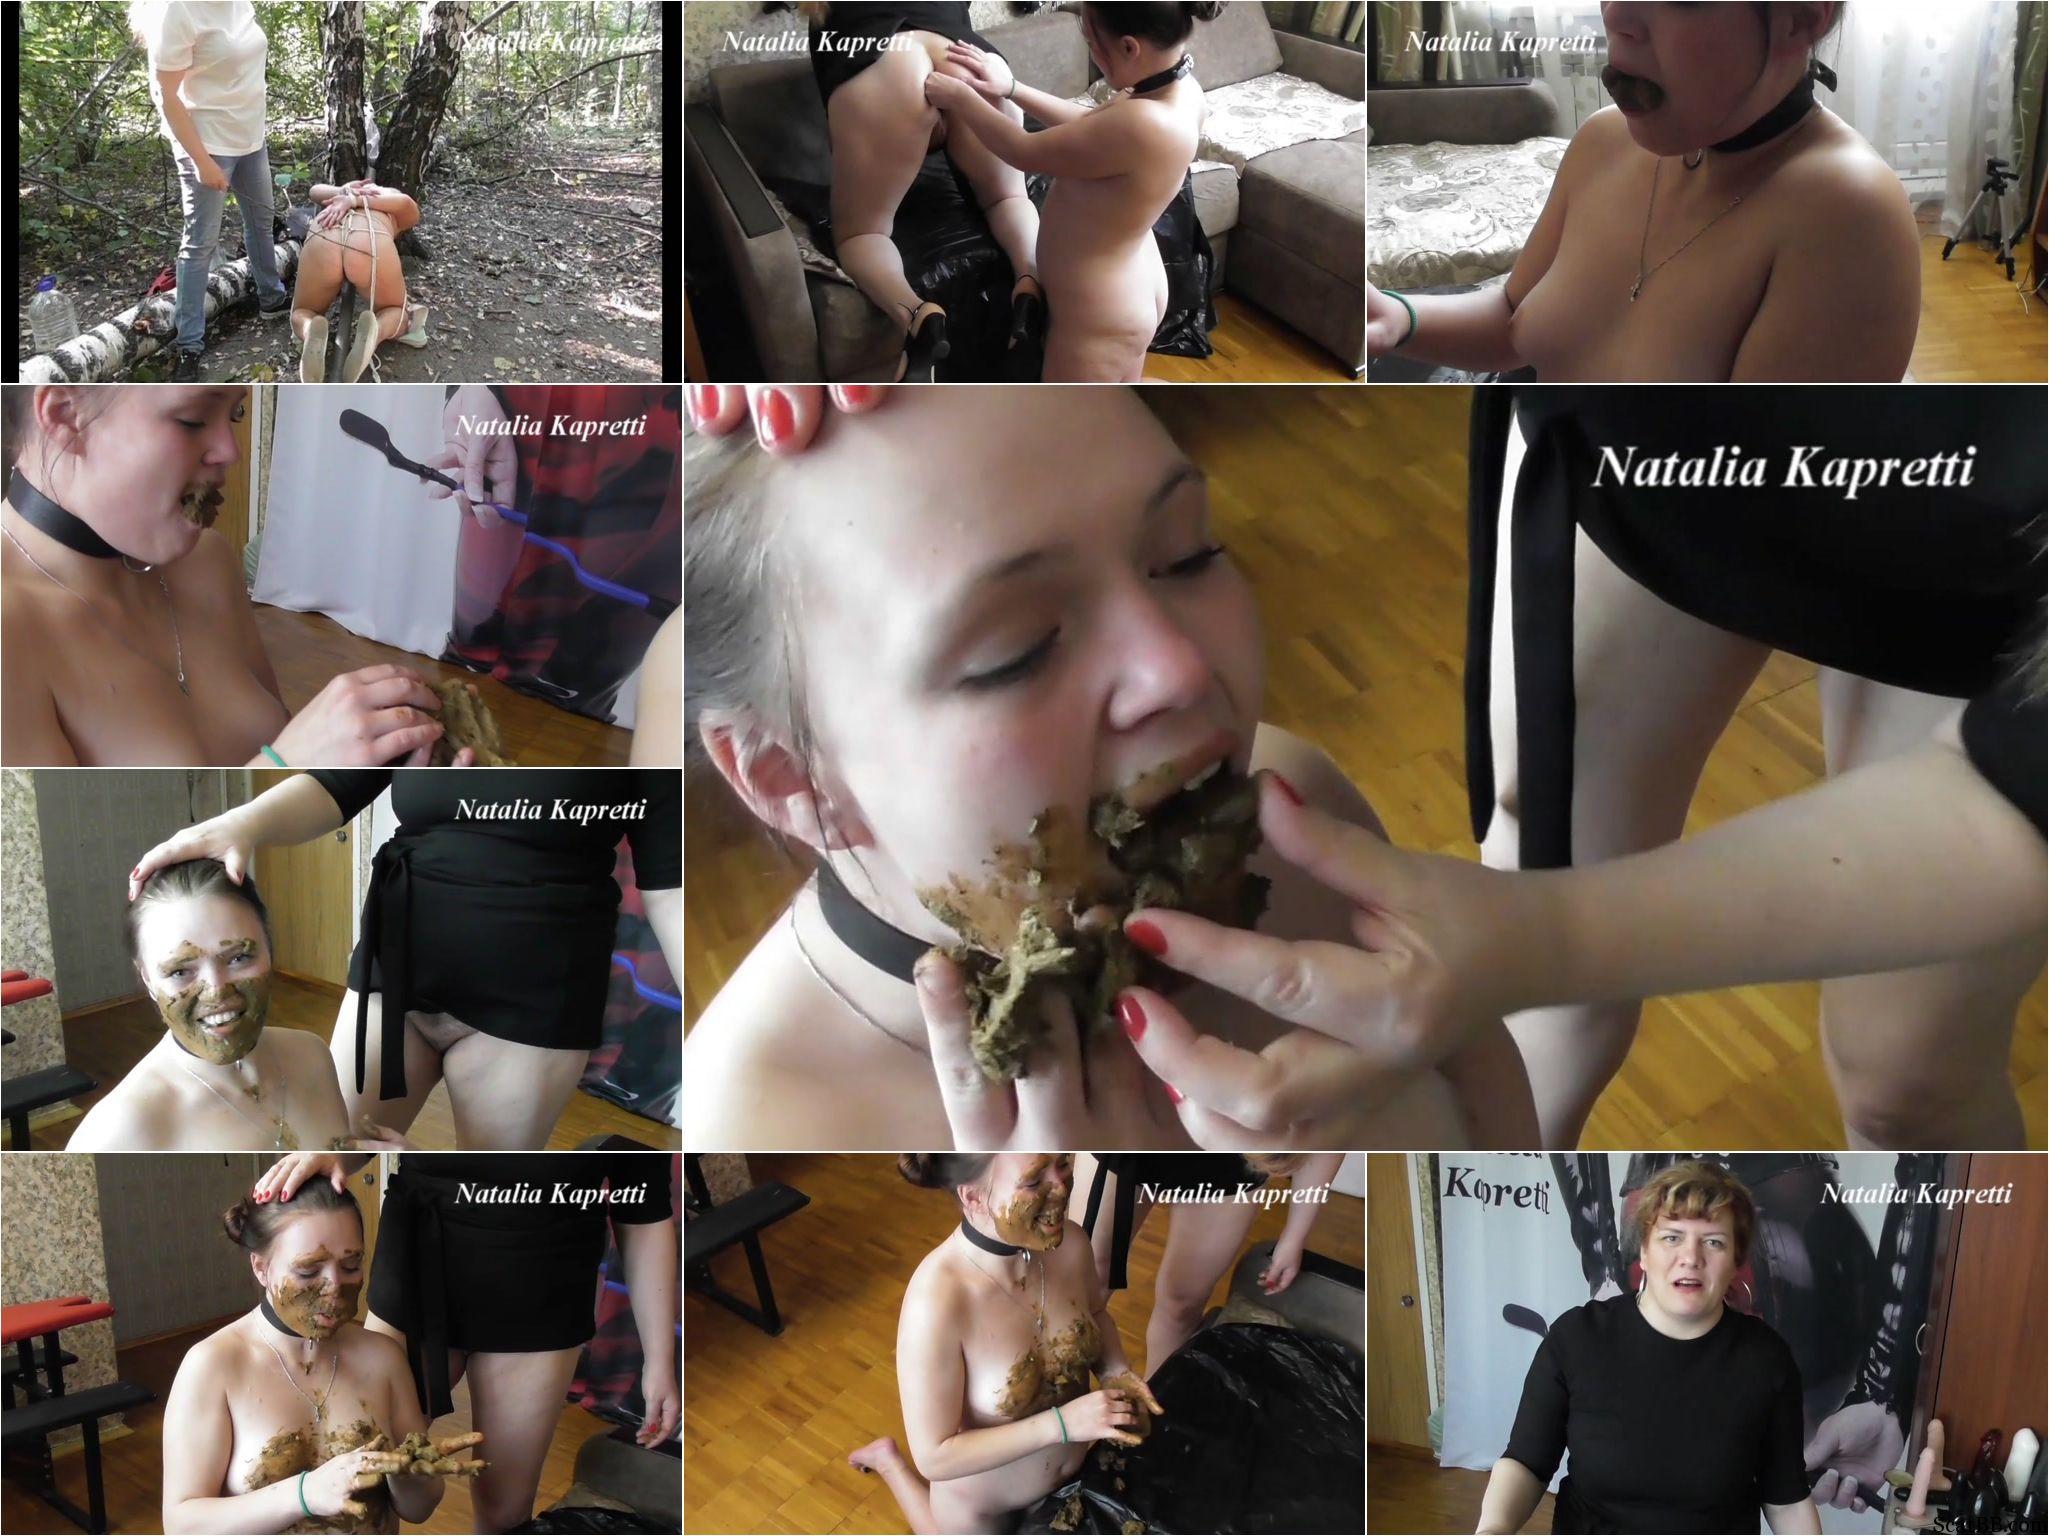 Natalia_Kapretti_-_Eat_my_tasty_shit__my_happy_toilet.ScrinList.jpg